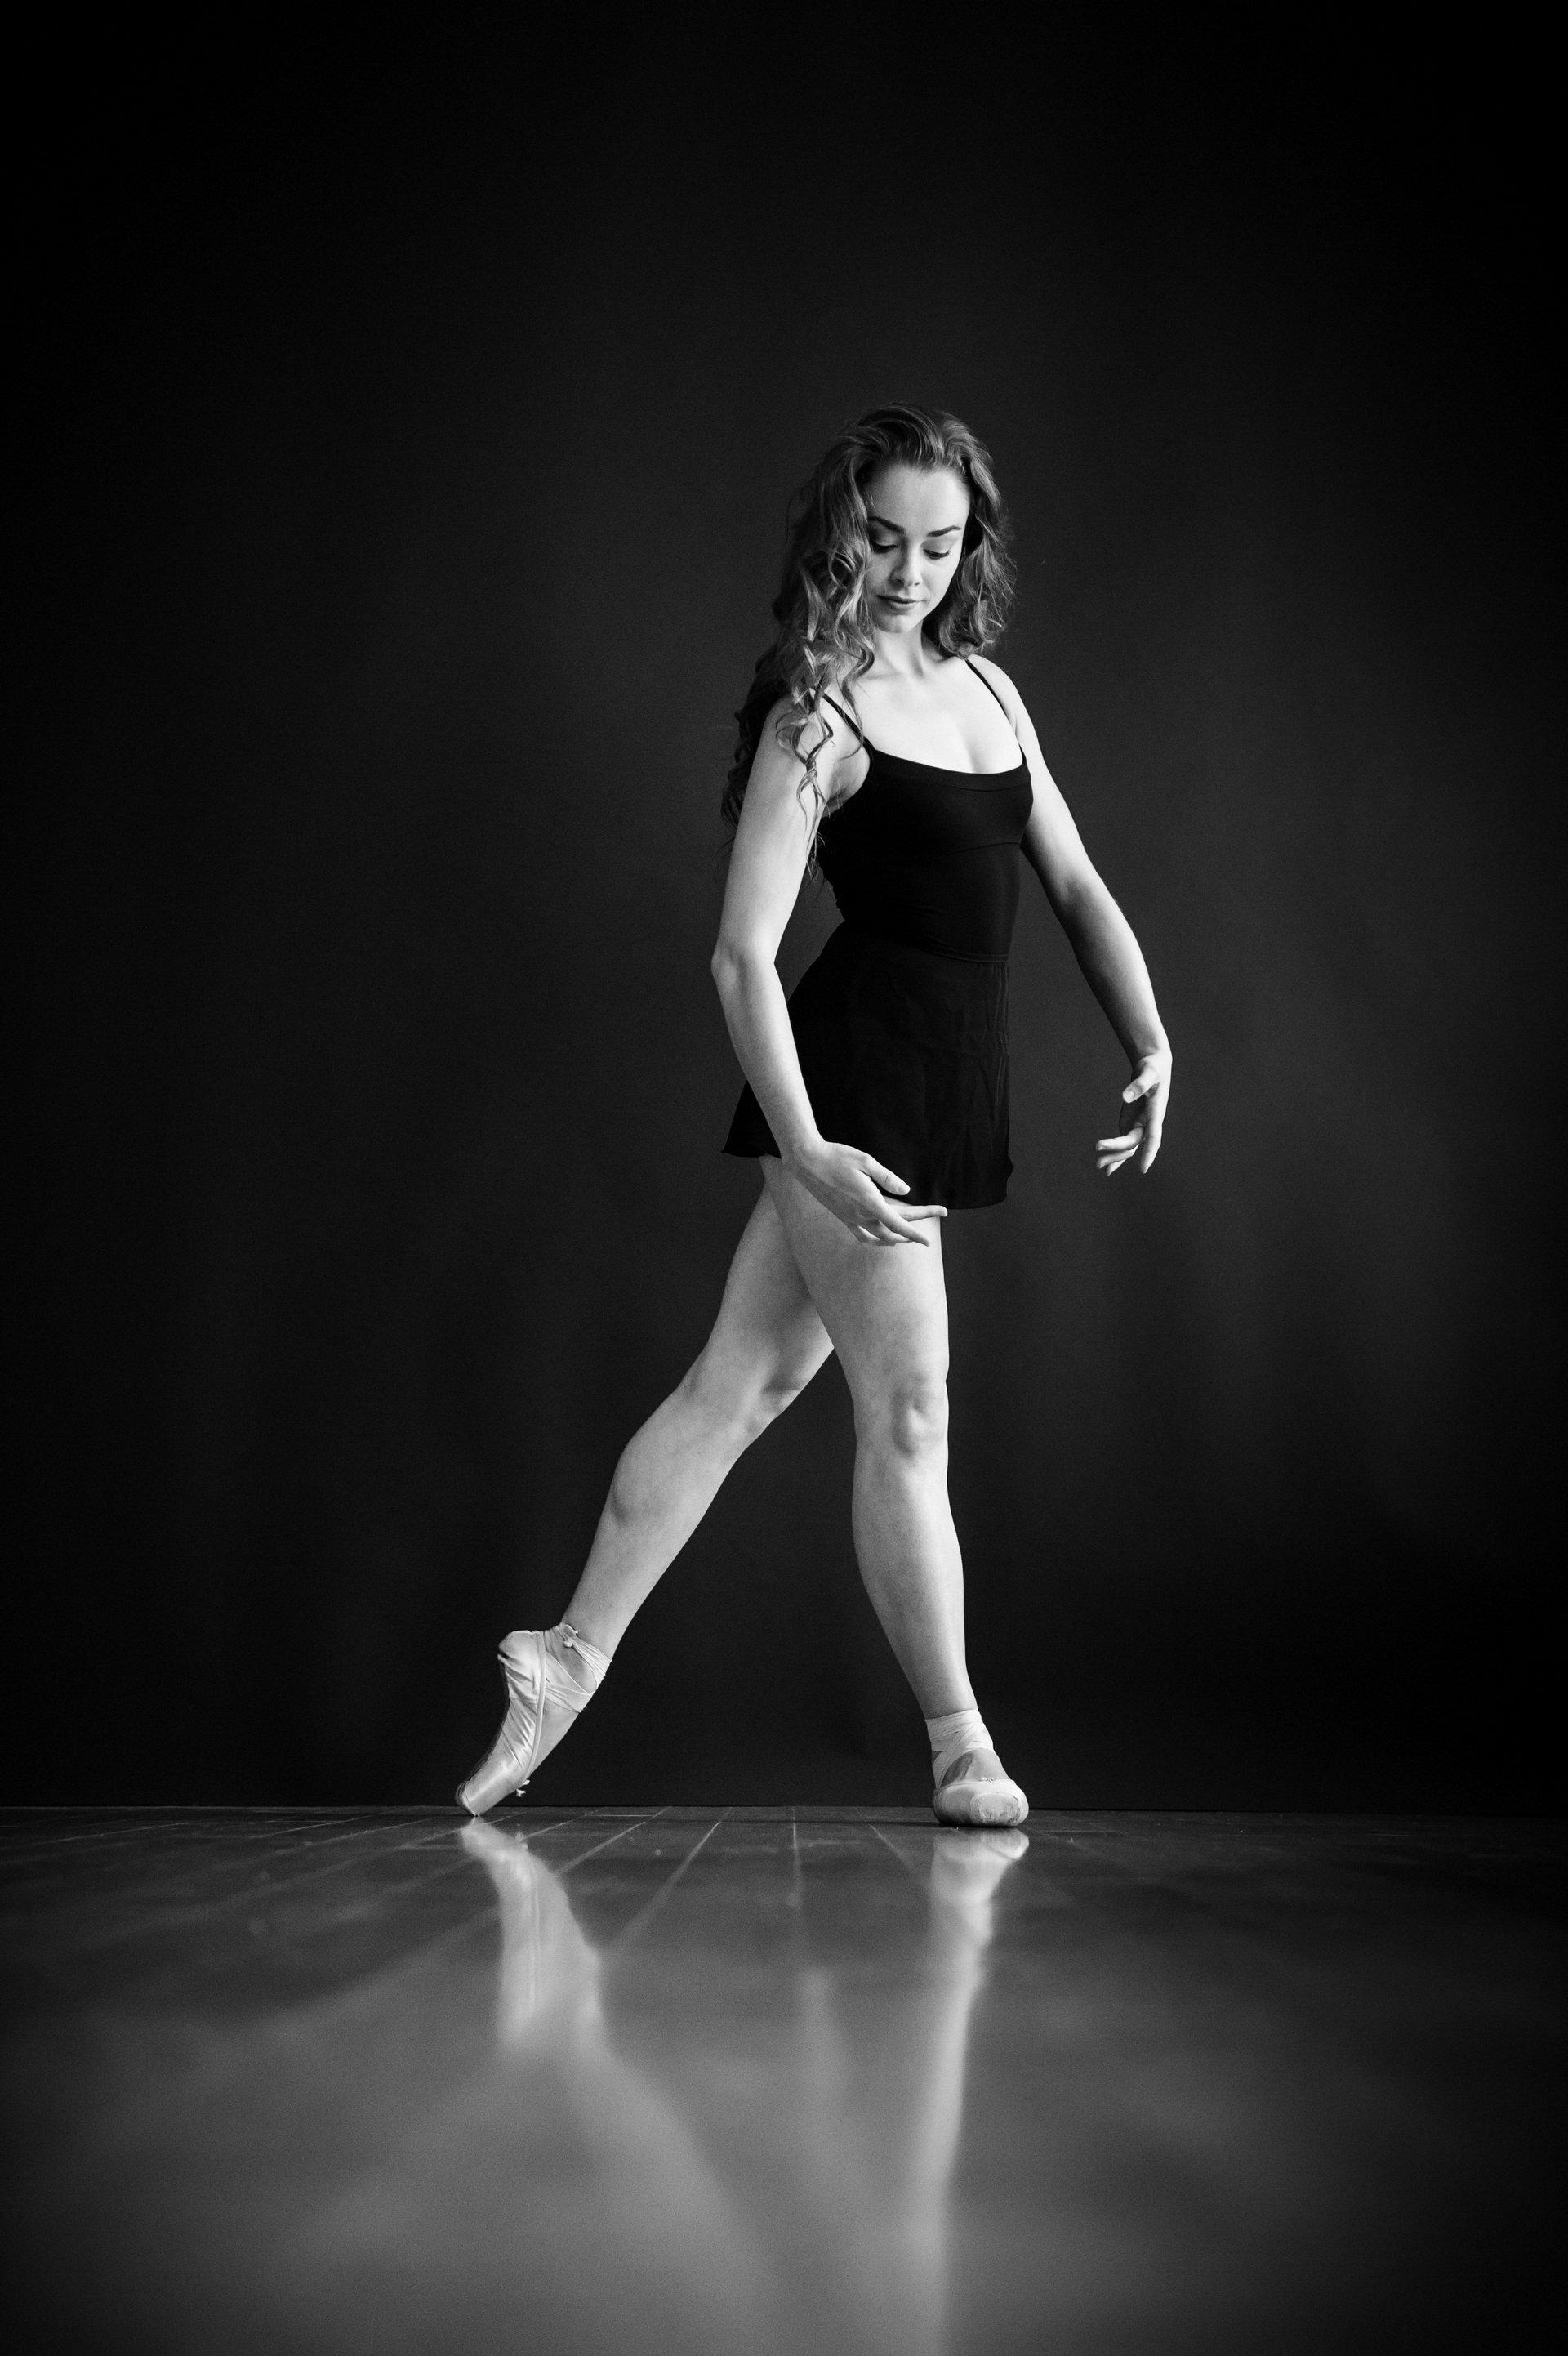 nEO_IMG_Marissa Dance-9-BW.jpg